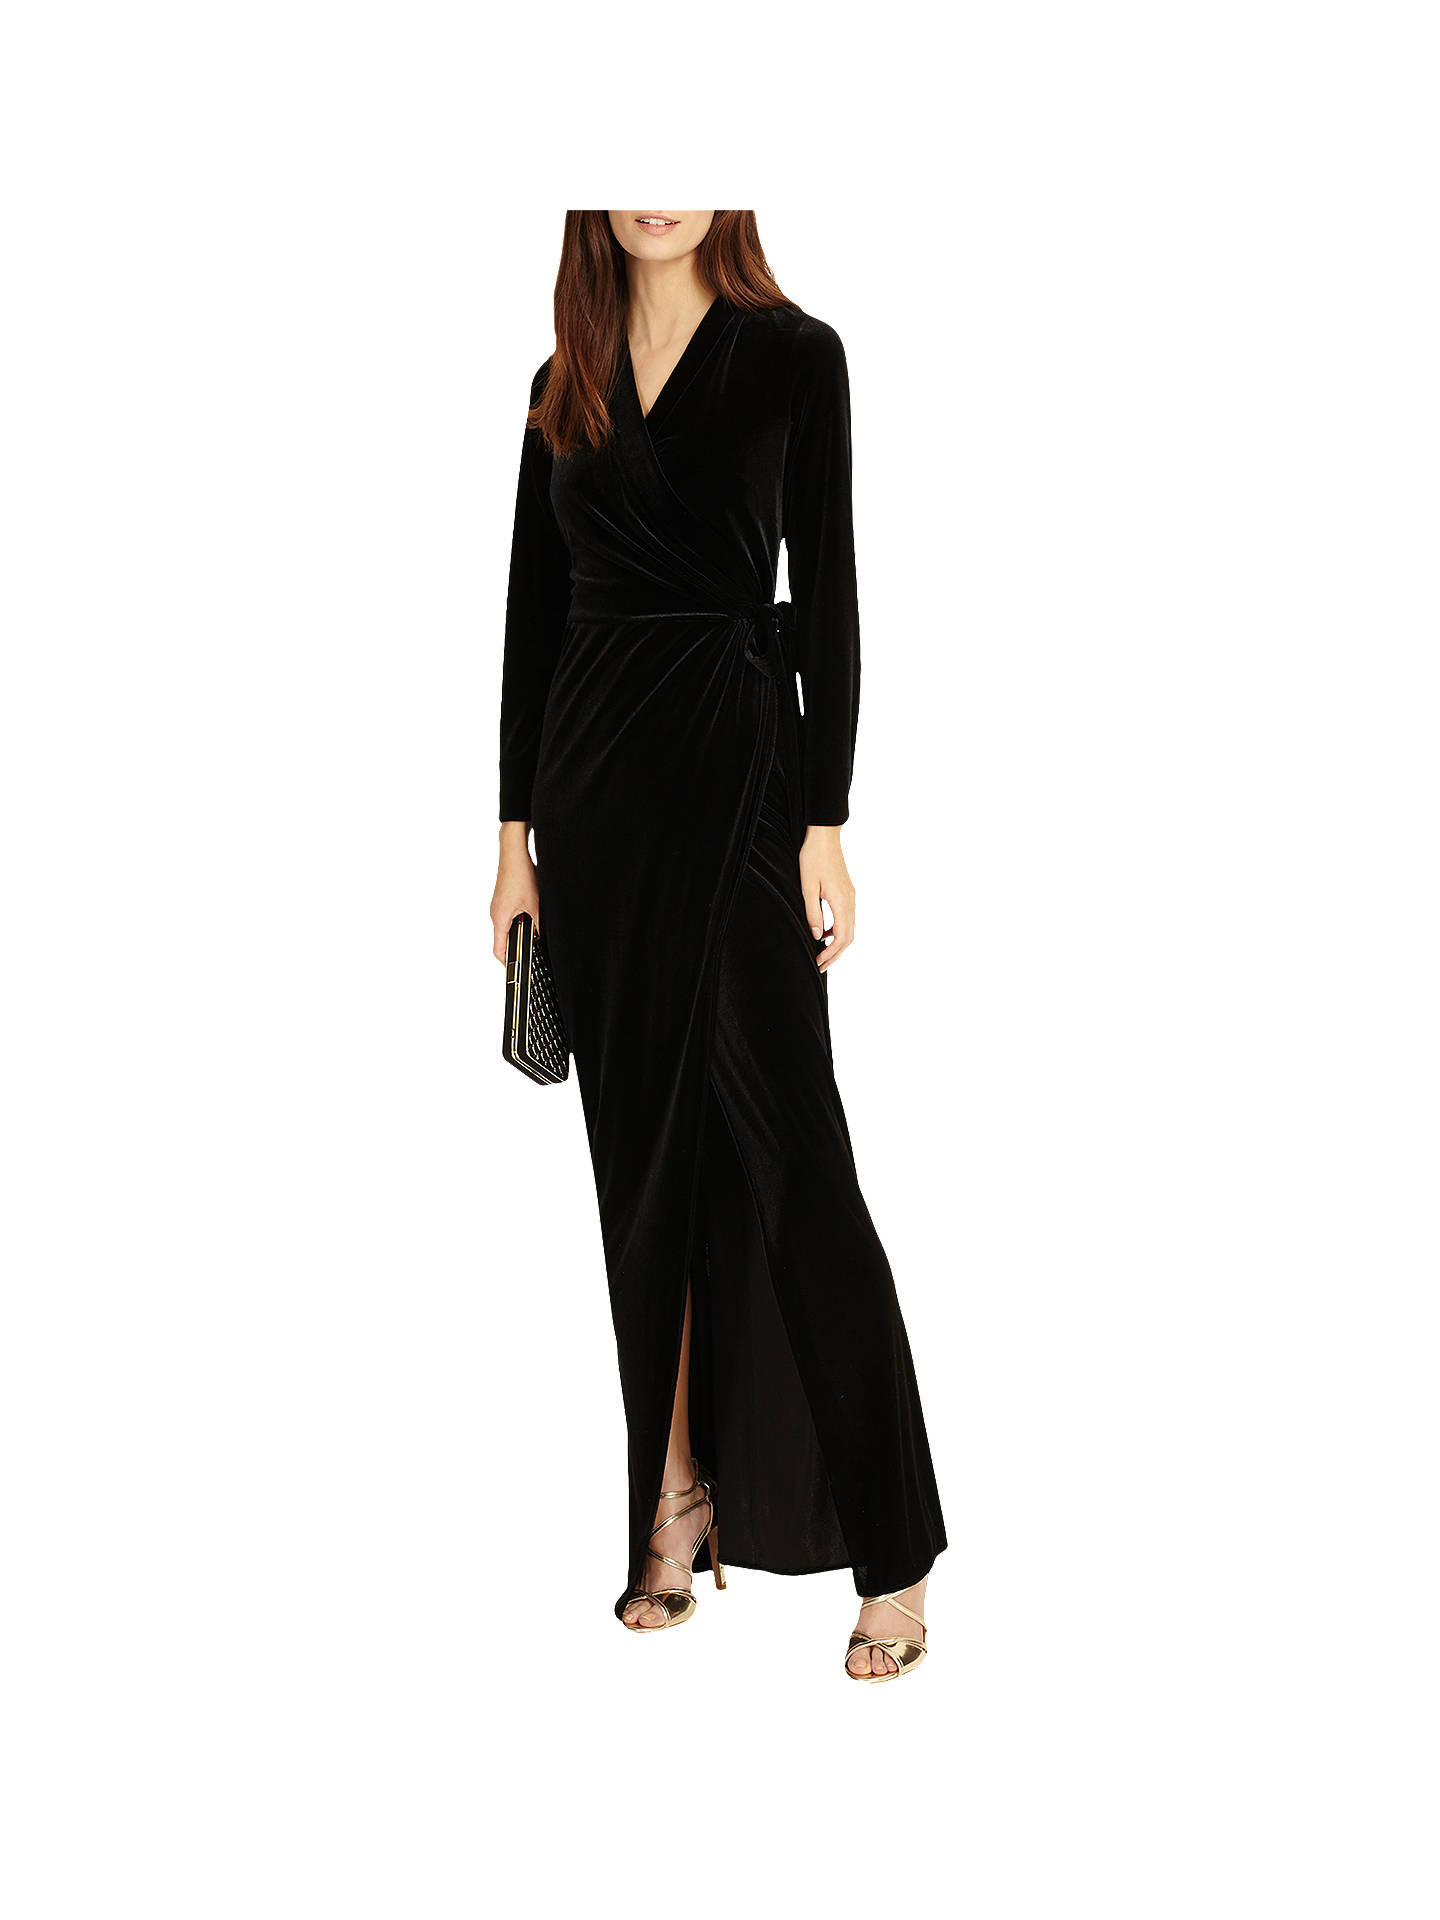 1914bb860be9 Buy Phase Eight Valeria Velvet Maxi Dress